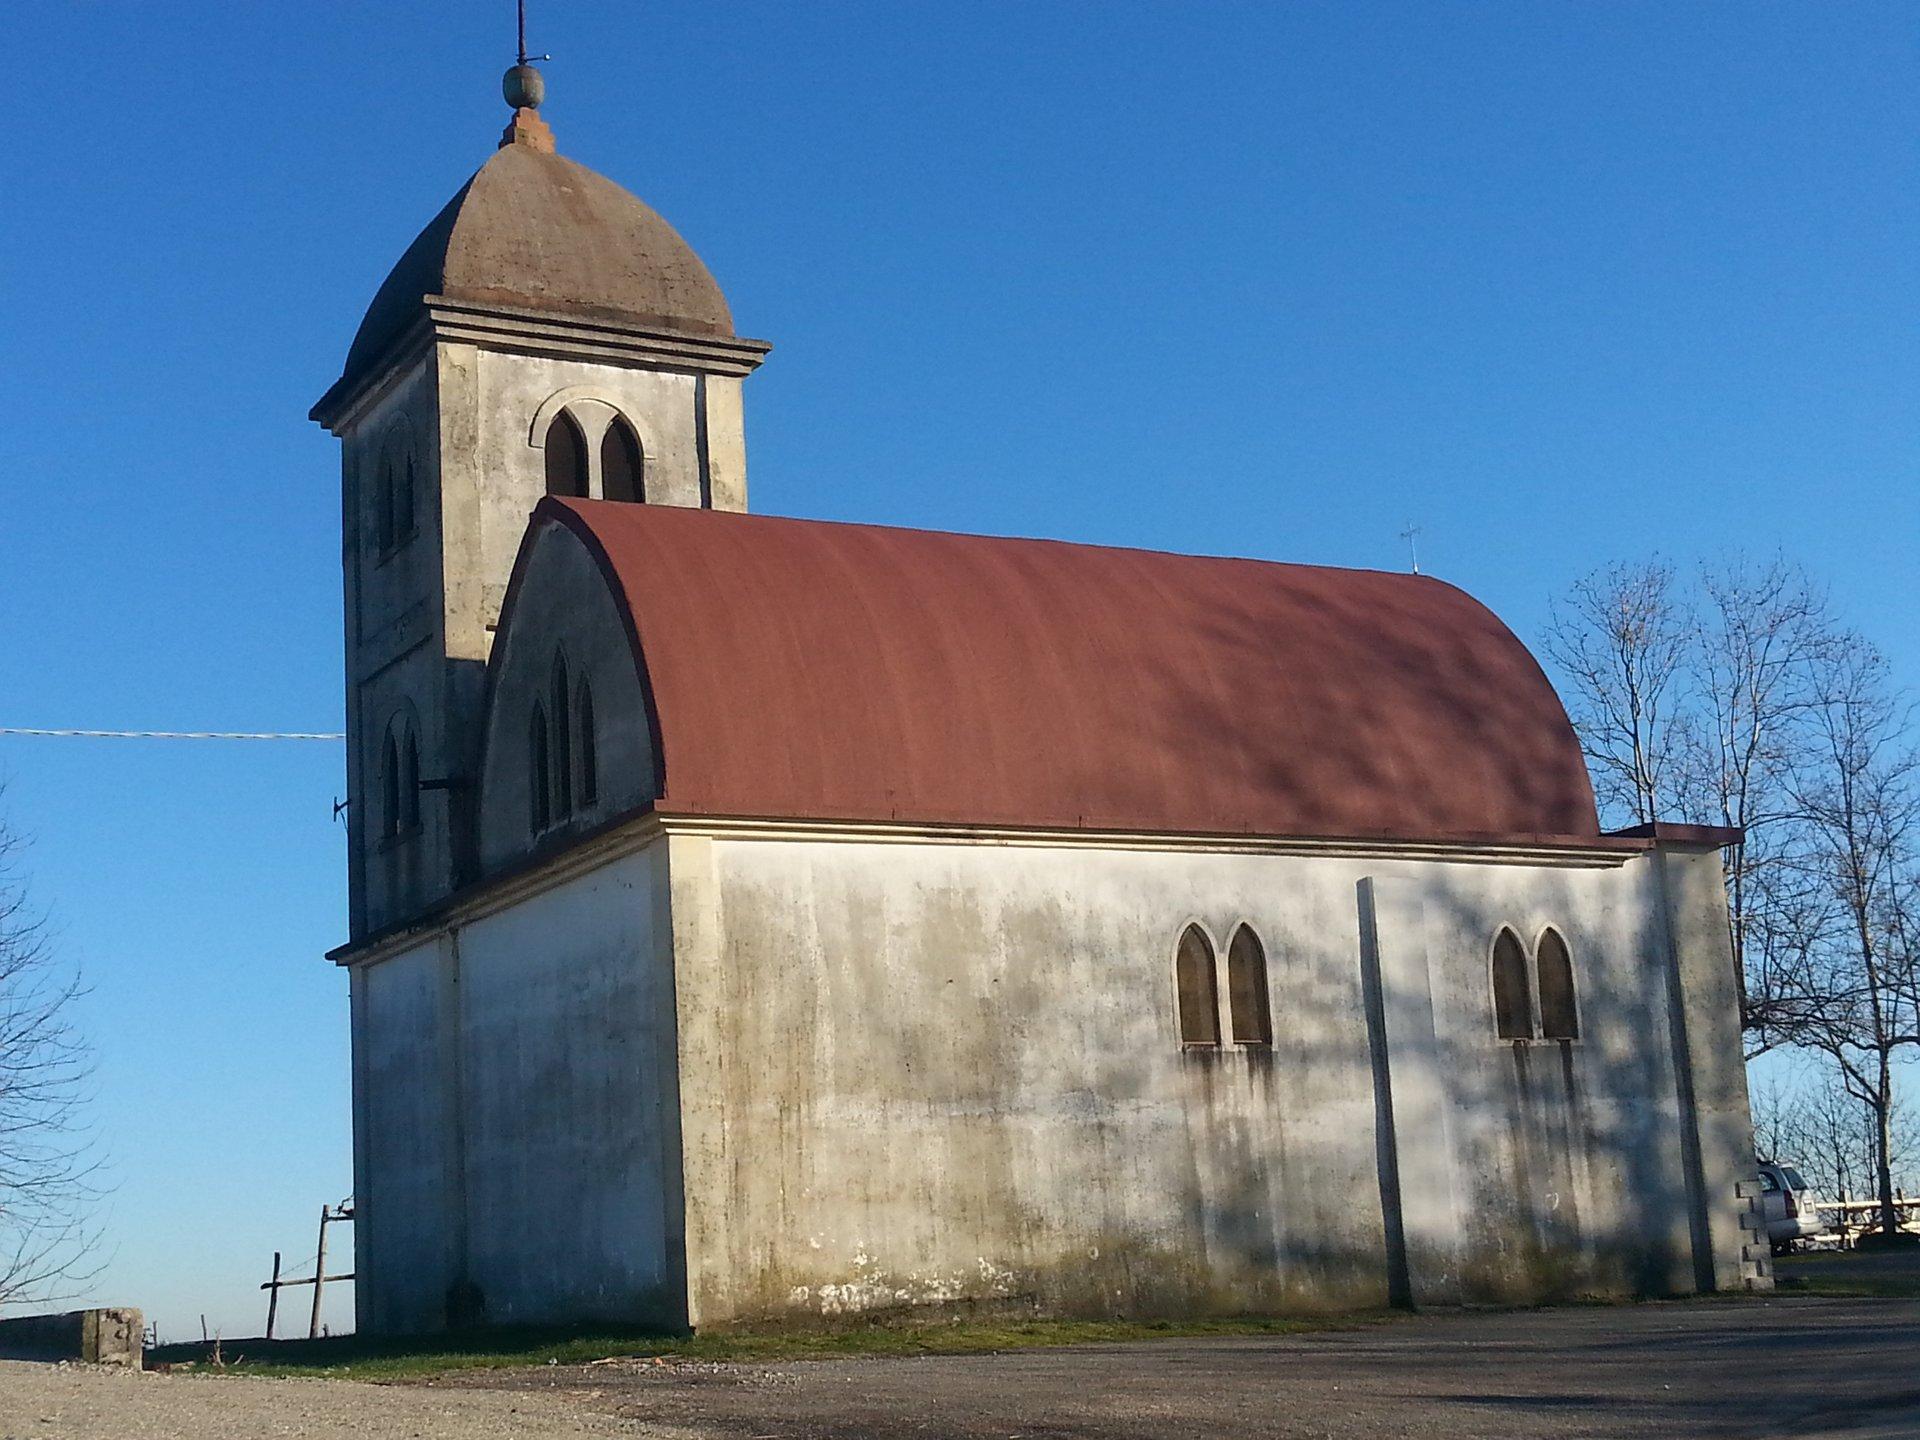 chiesa con tetto impermeabilizzato